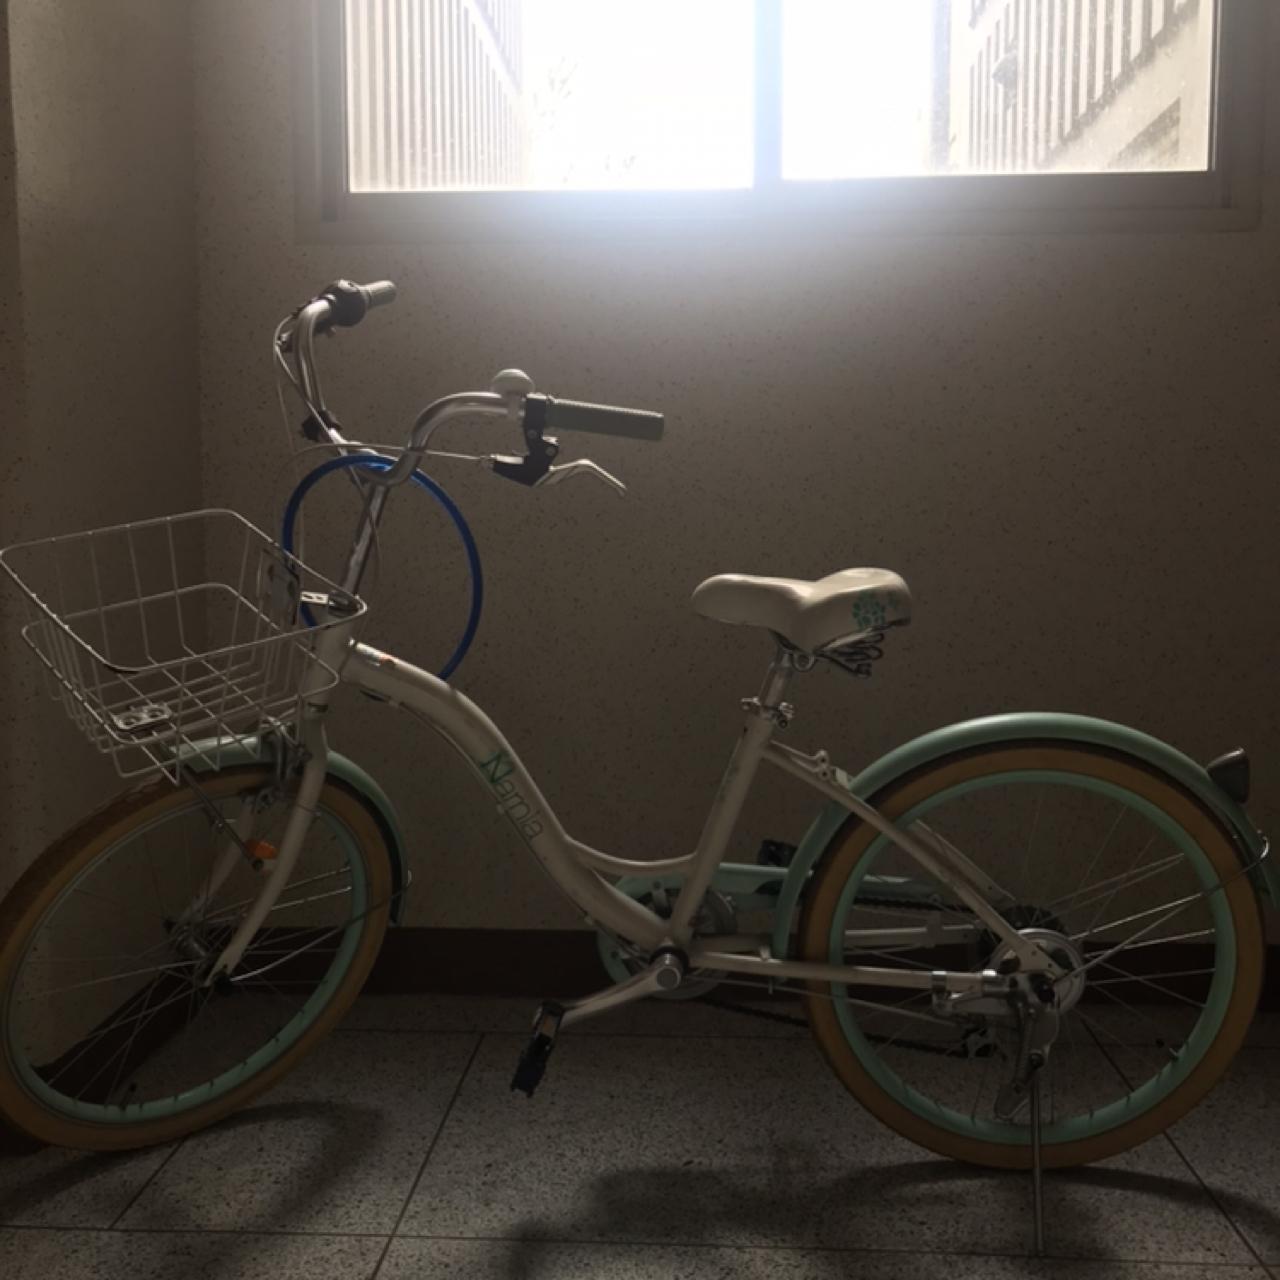 여성용 스마트 자전거 판매해용